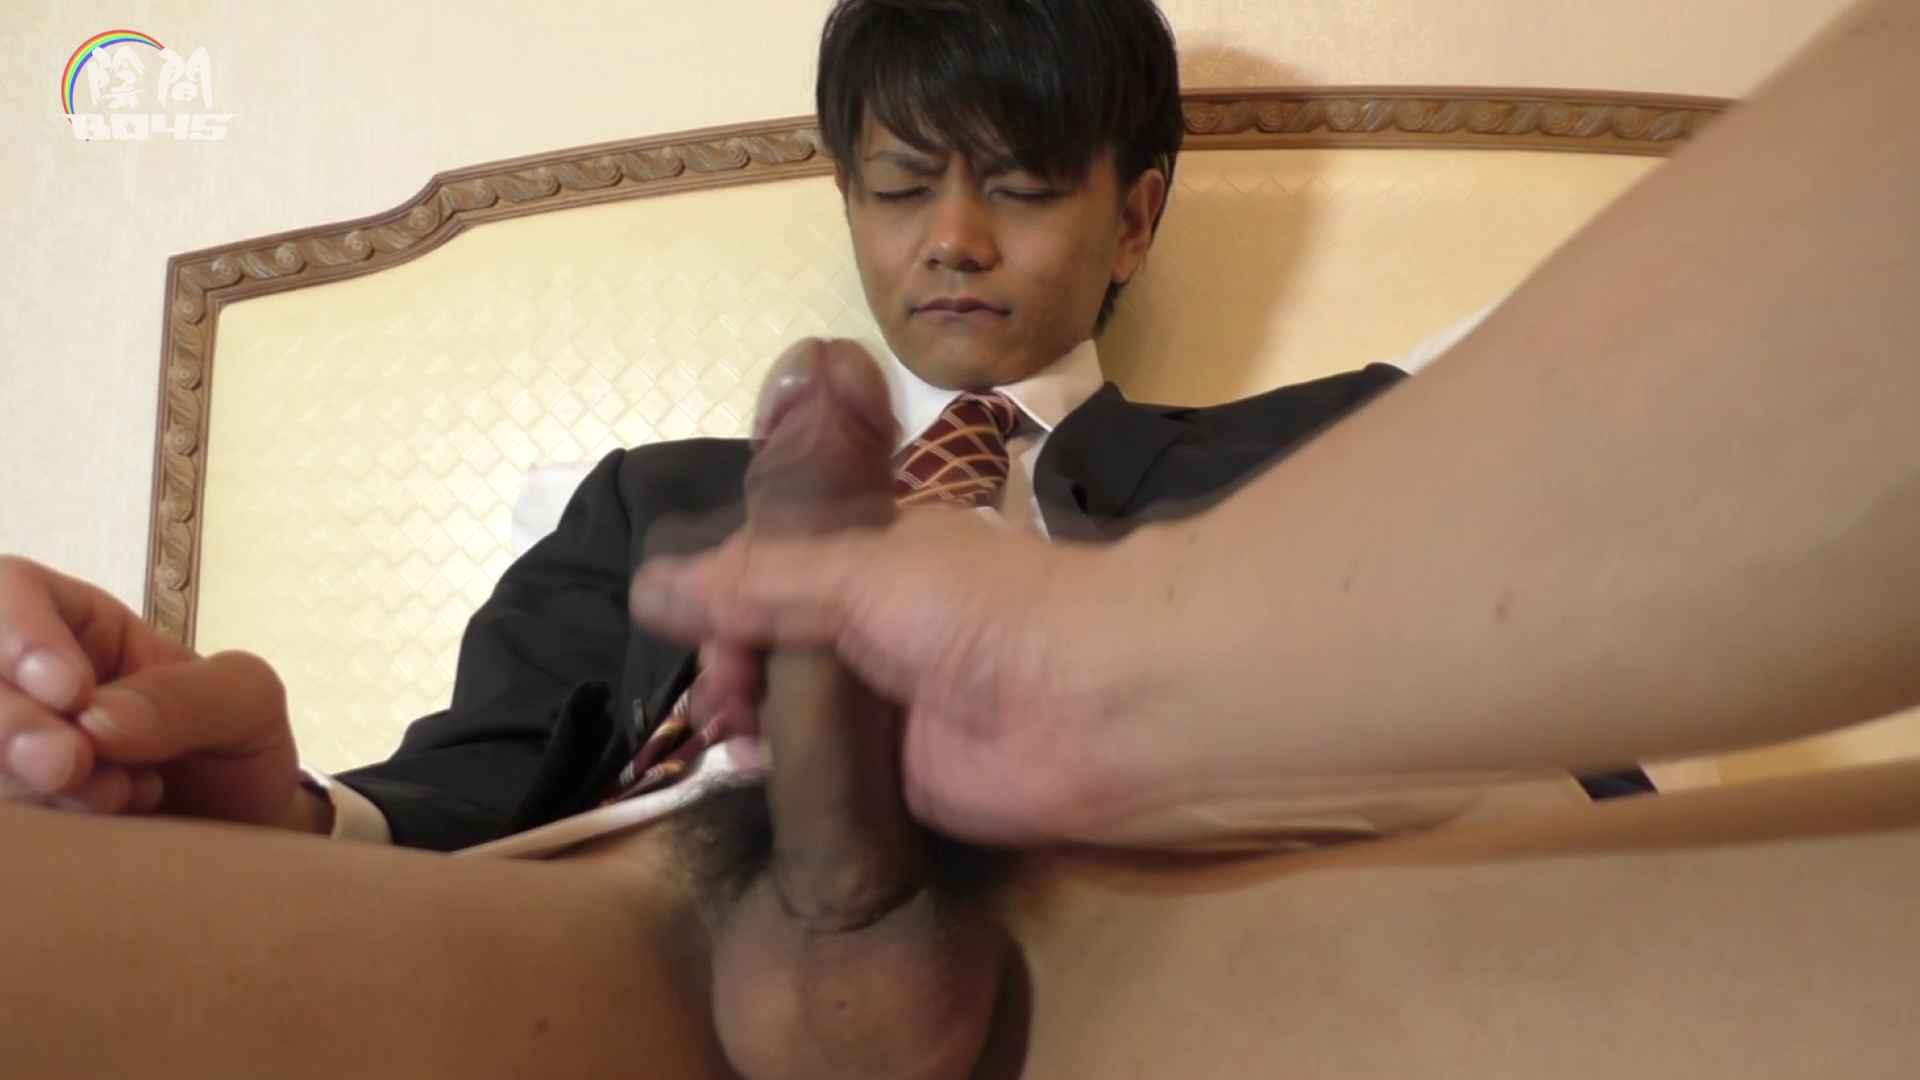 陰間BOYS~キャバクラの仕事はアナルから4 Vol.02 ザーメン ゲイエロビデオ画像 105枚 44